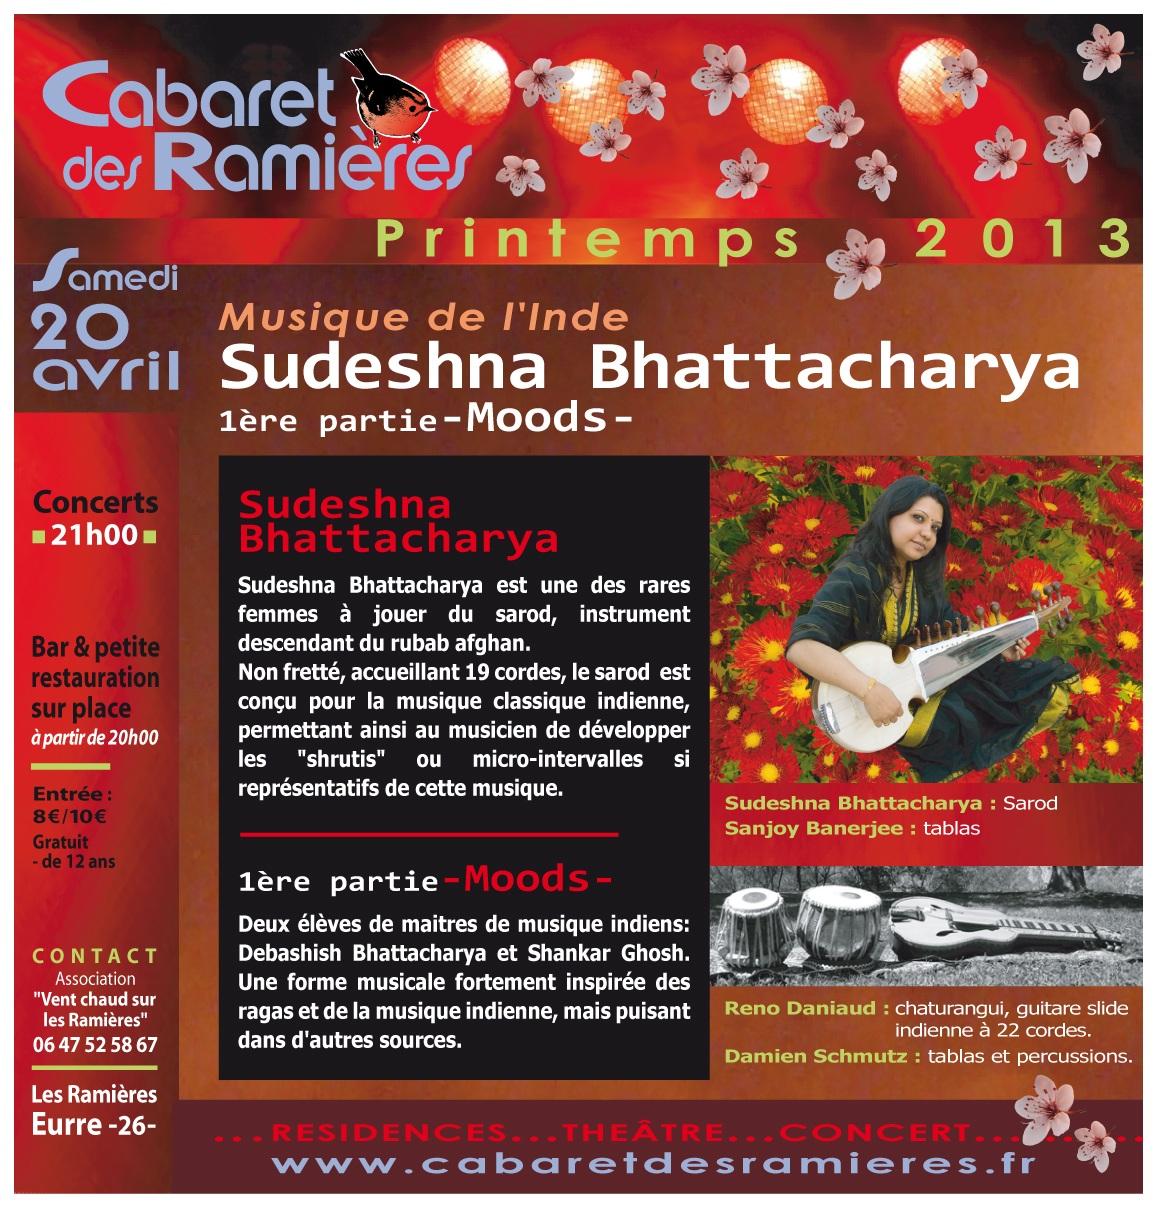 Photo: Sudeshna Bhattacharya - Sarod - Concert